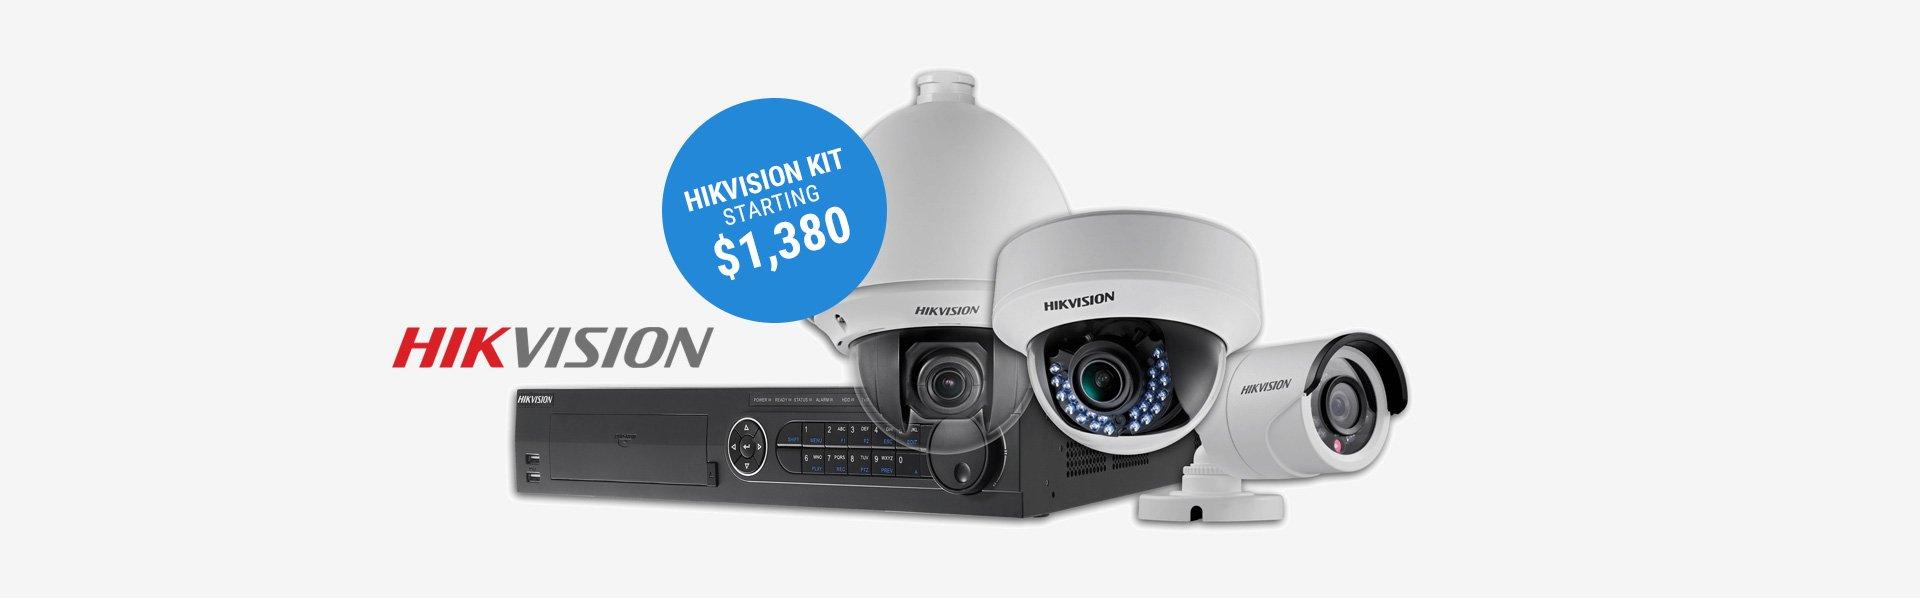 Hikvision CCTV kit